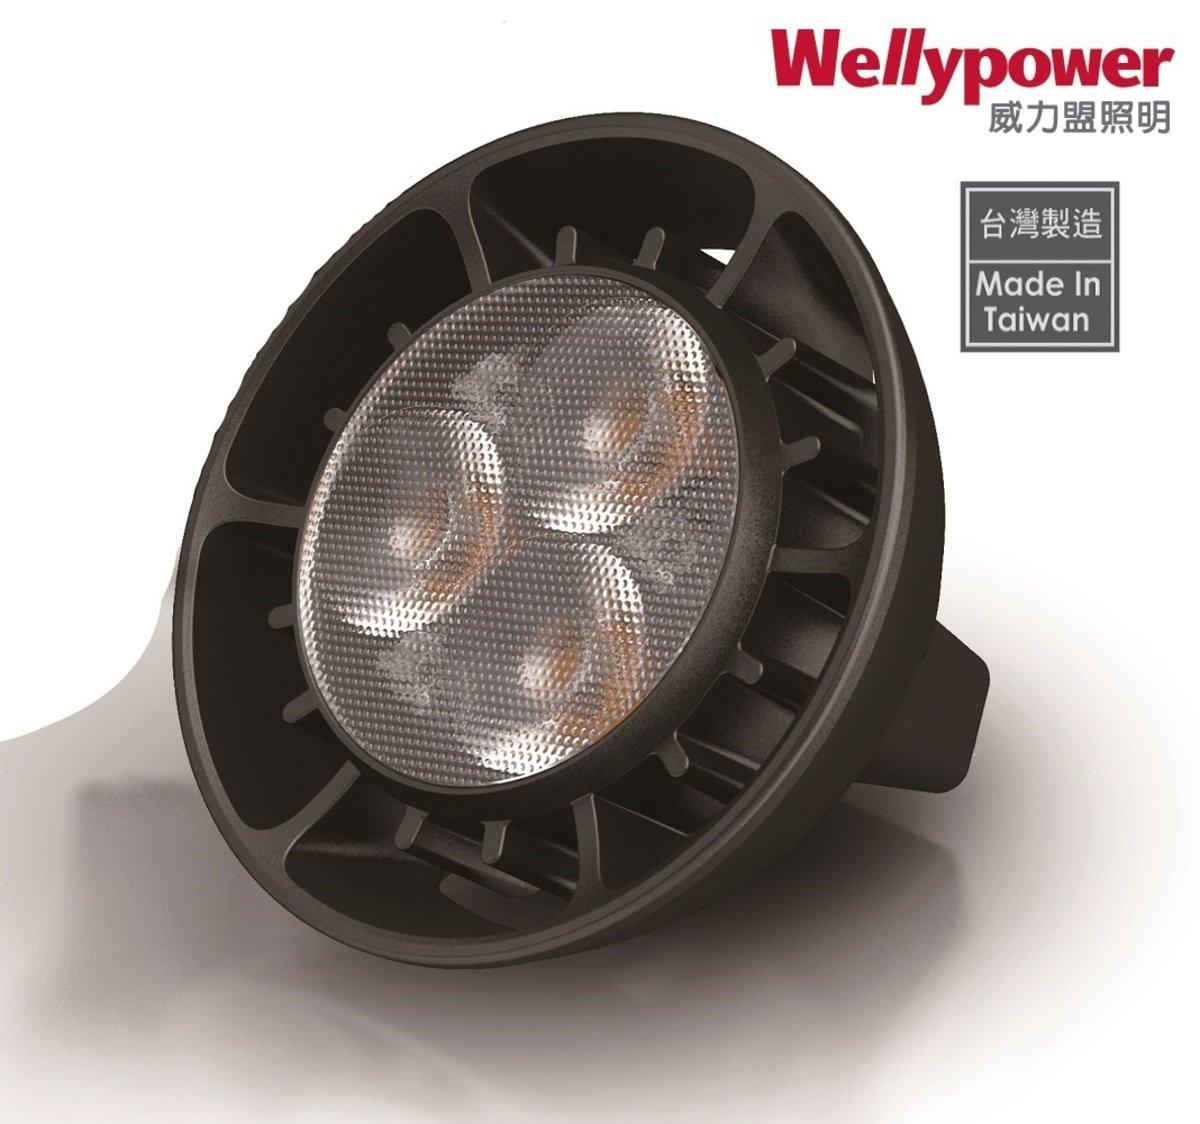 MR16 LED 射燈 7W 暖黃光 2700K